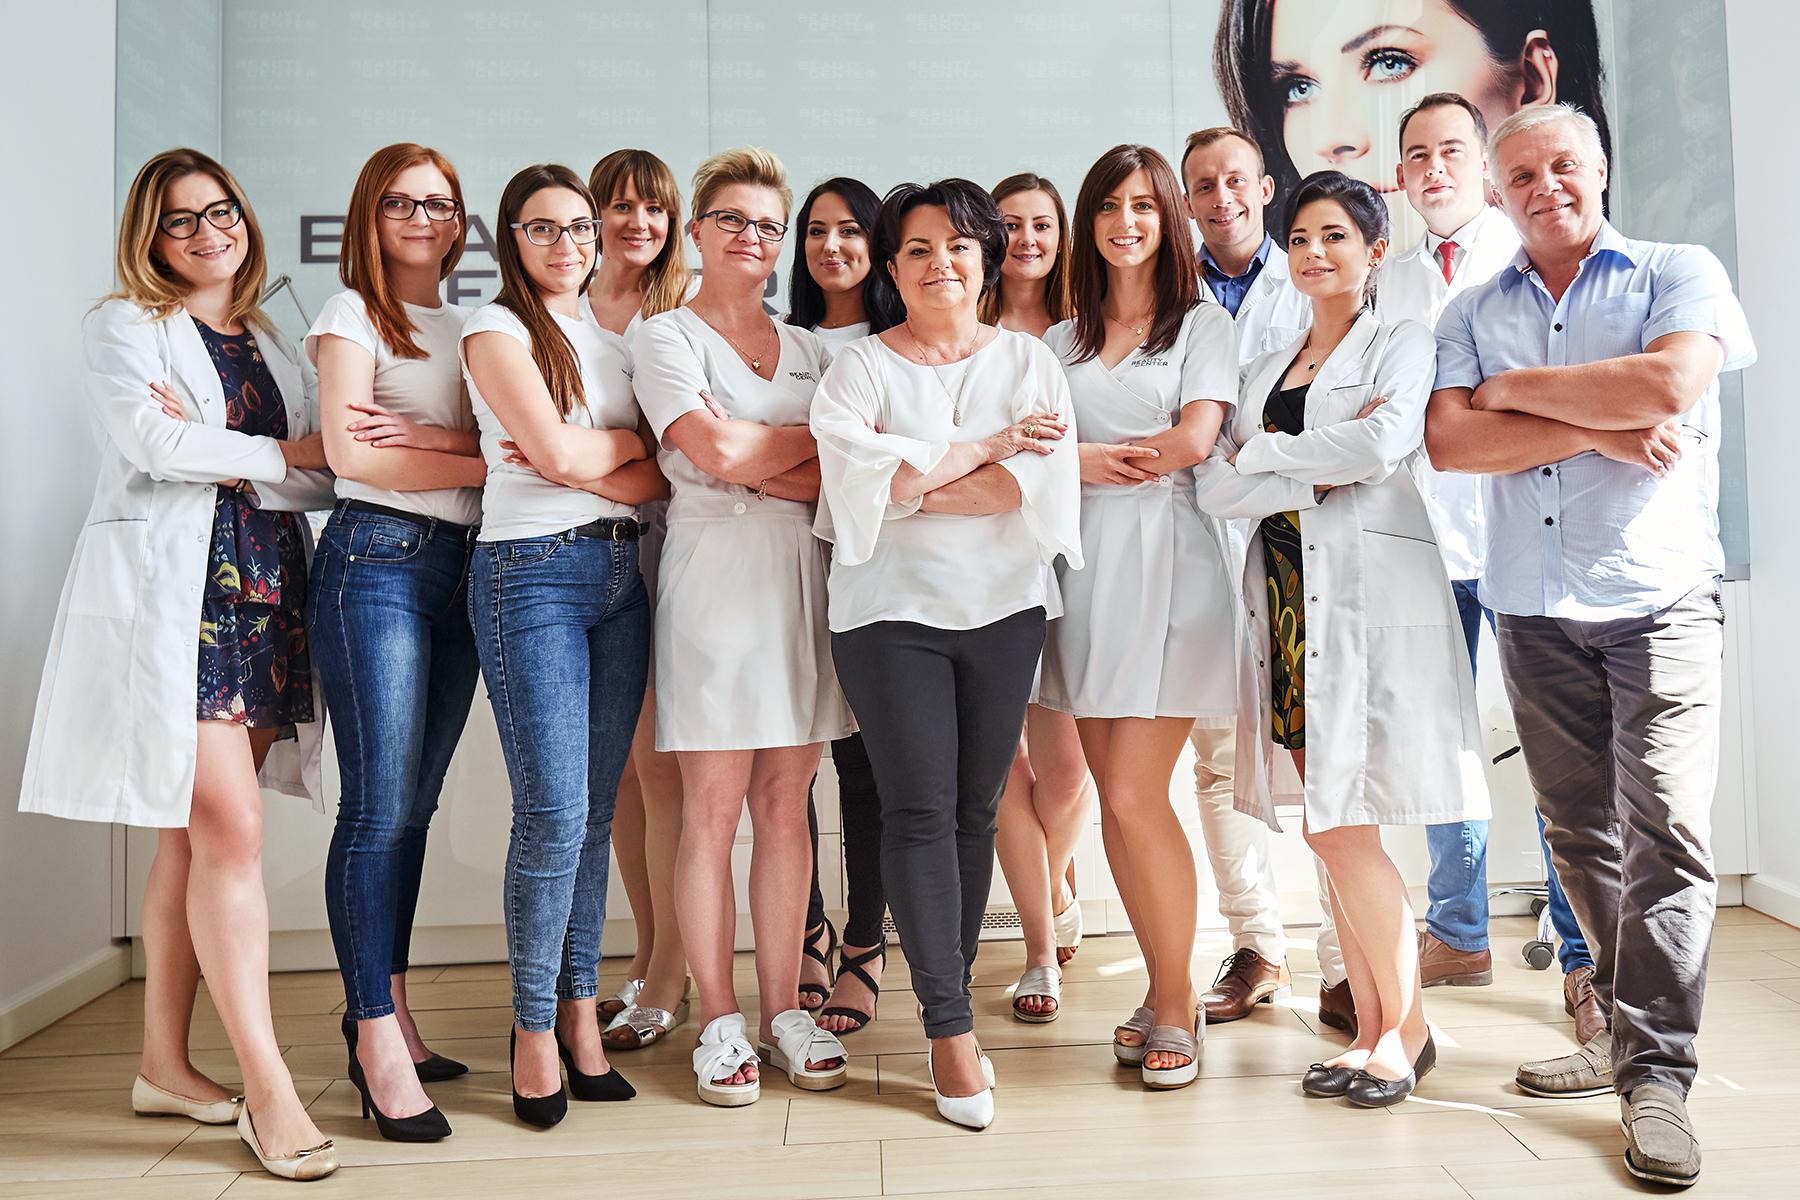 Beauty-Center-Medical-Wellness-SPA-016